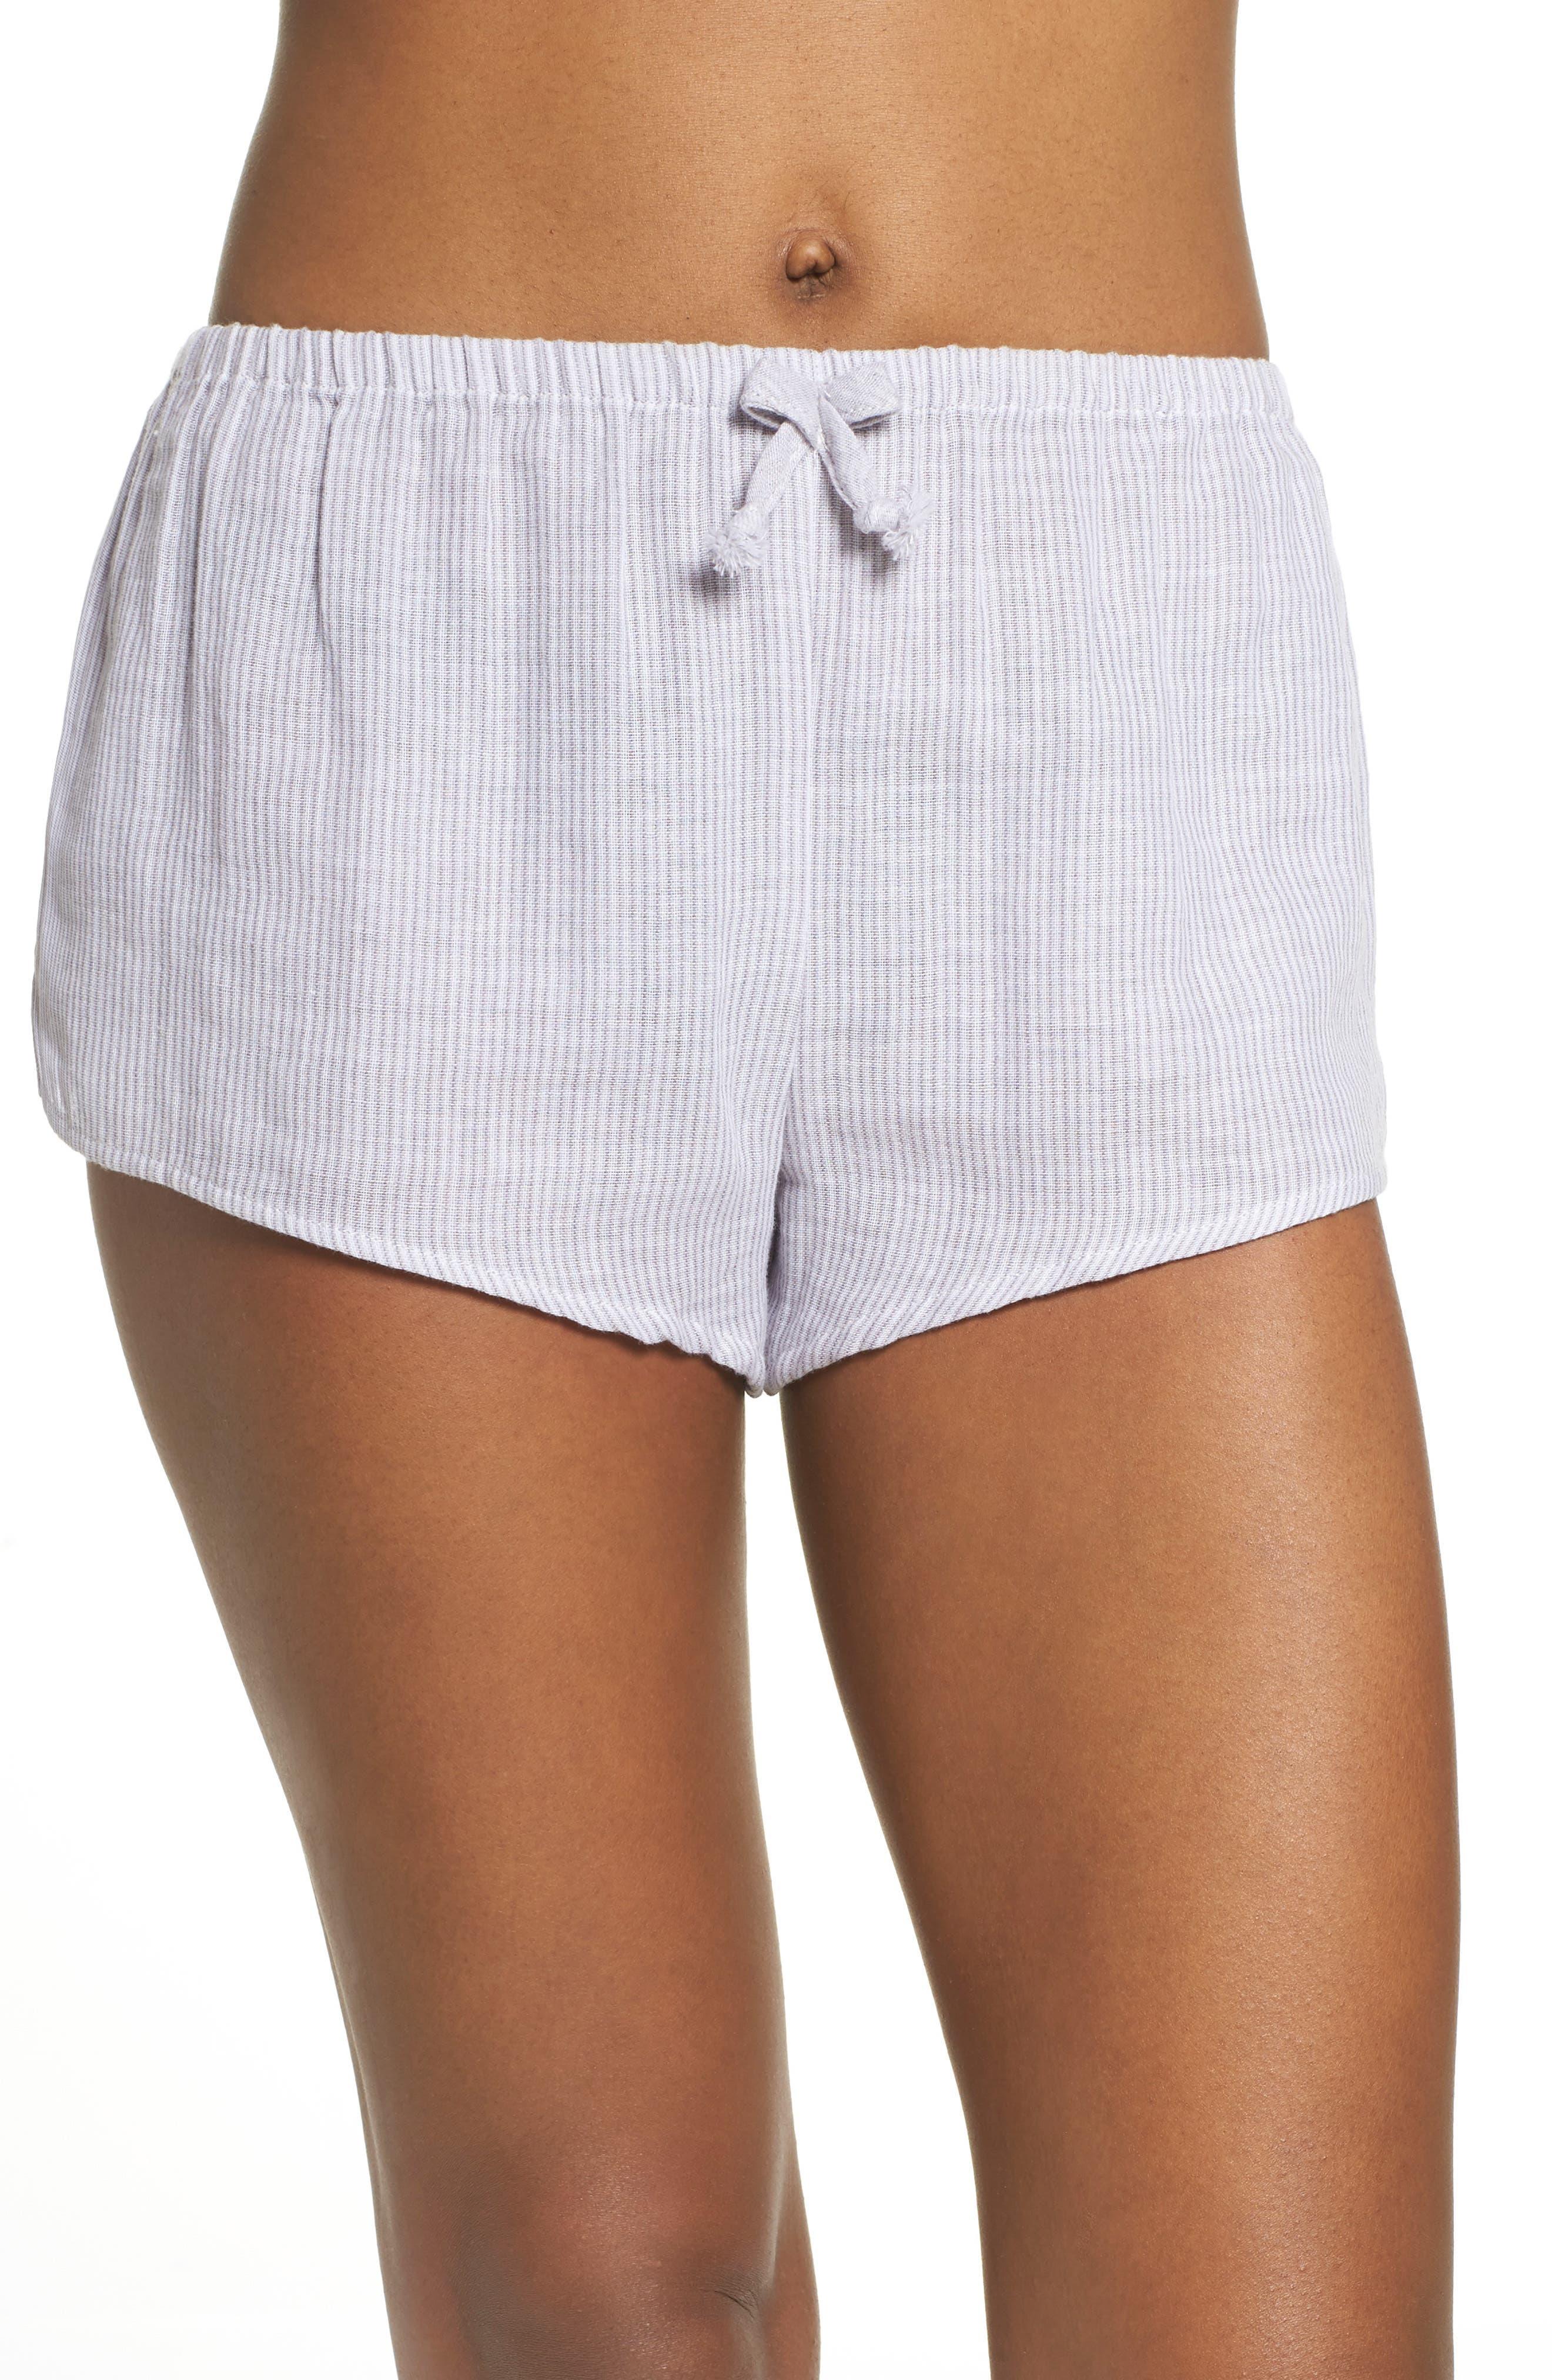 Stripe Pajama Shorts,                             Main thumbnail 1, color,                             021